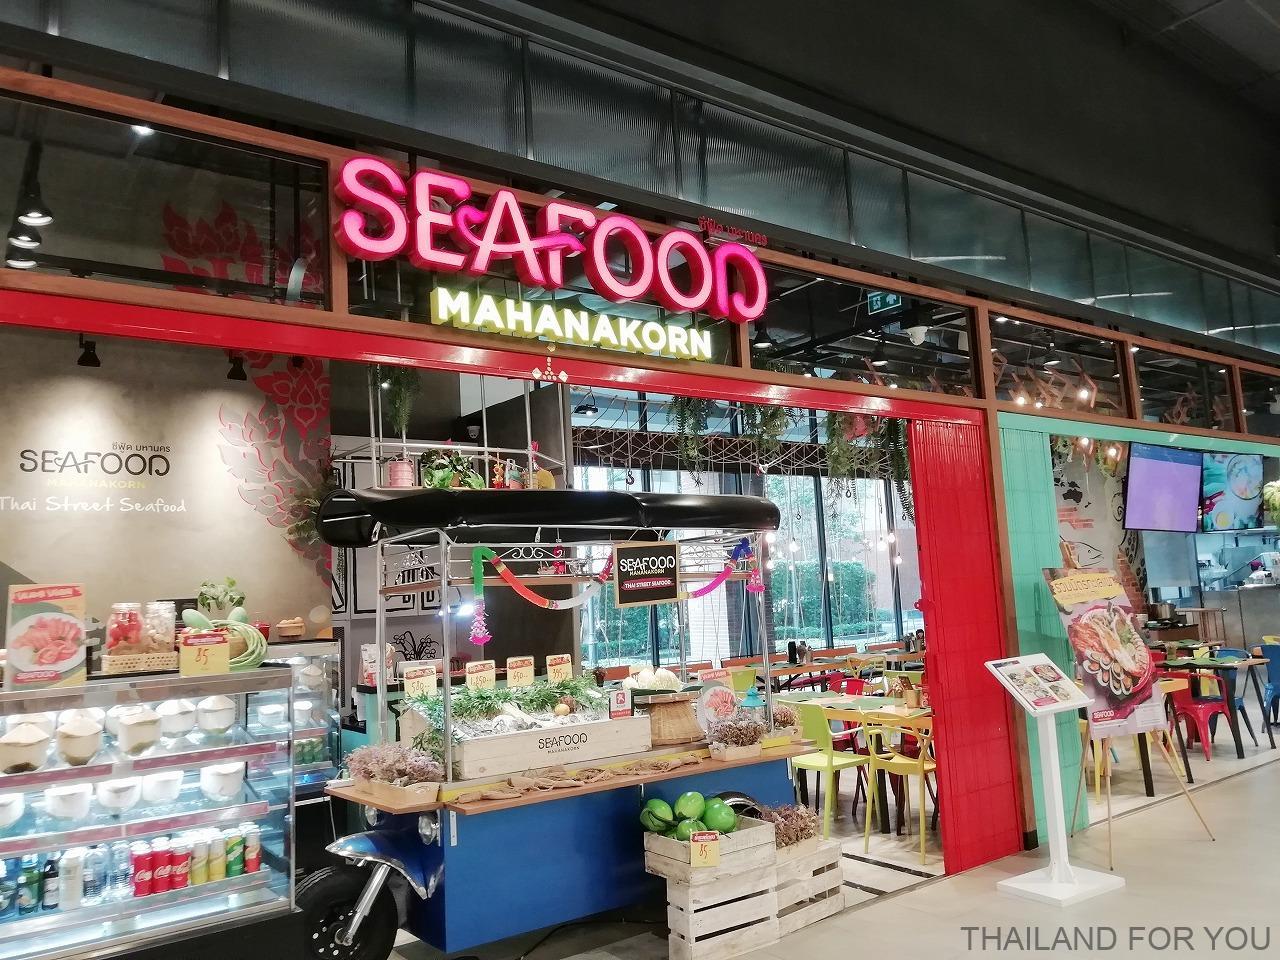 ザ・マーケット・バンコク シーフード・マハナコン the market bangkok 写真